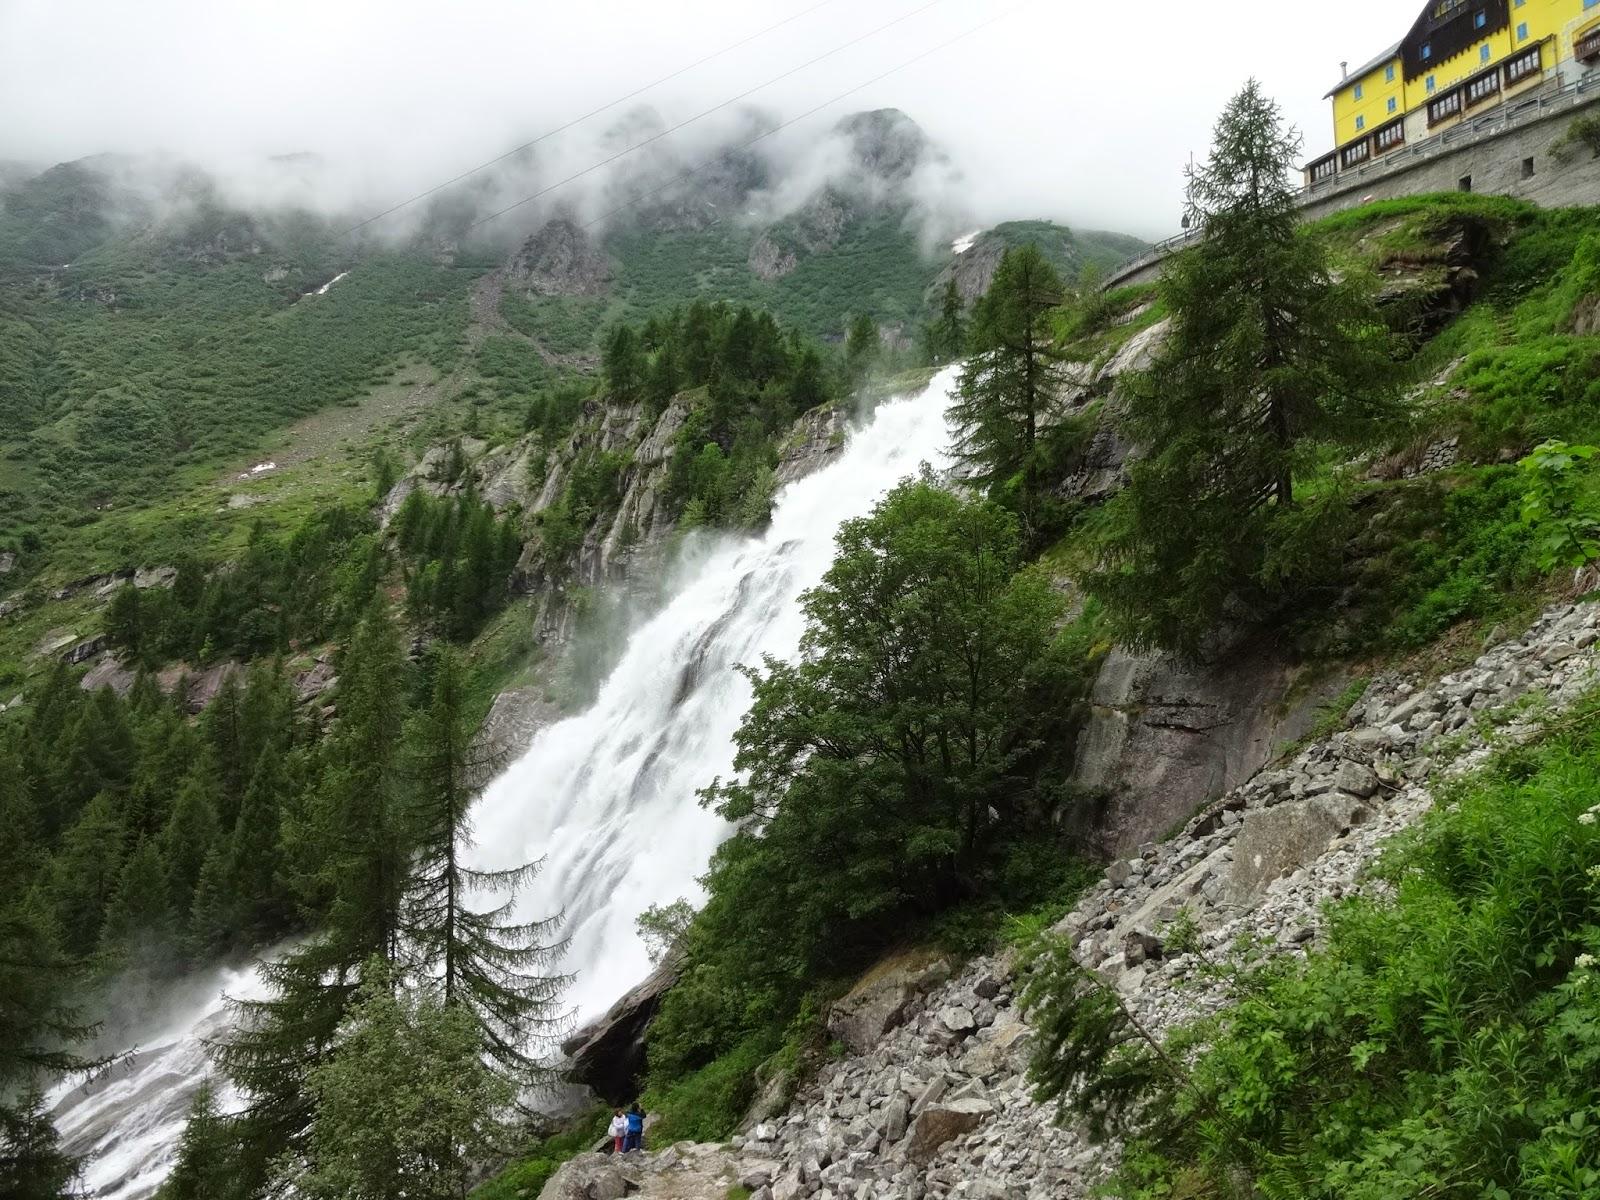 Водопад в Италии Каската дель Точе Cascate del toce